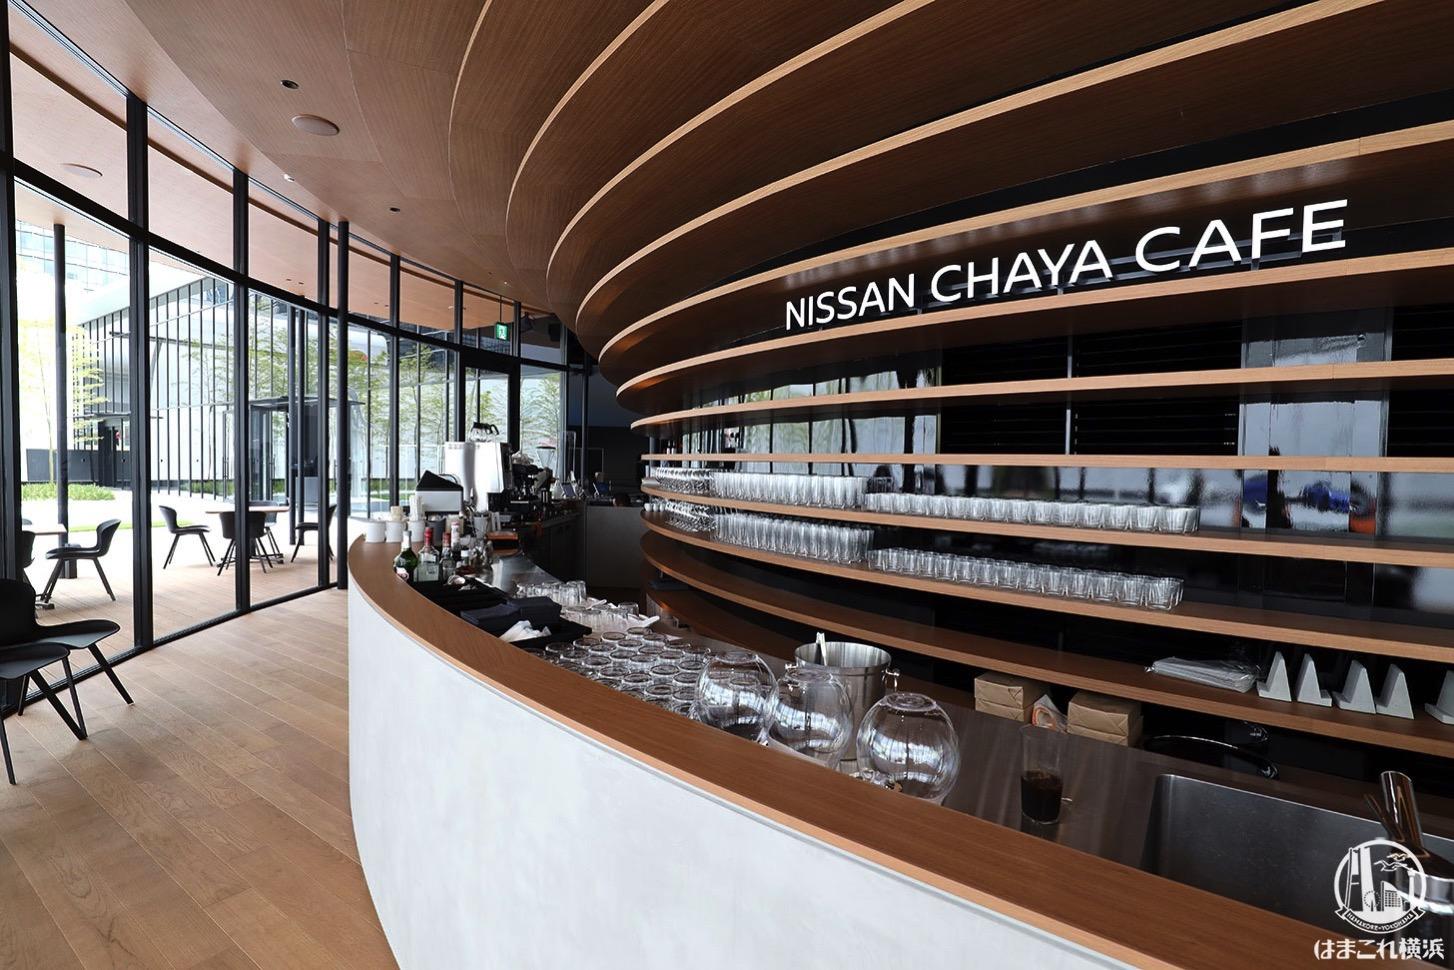 ニッサン チャヤ カフェ